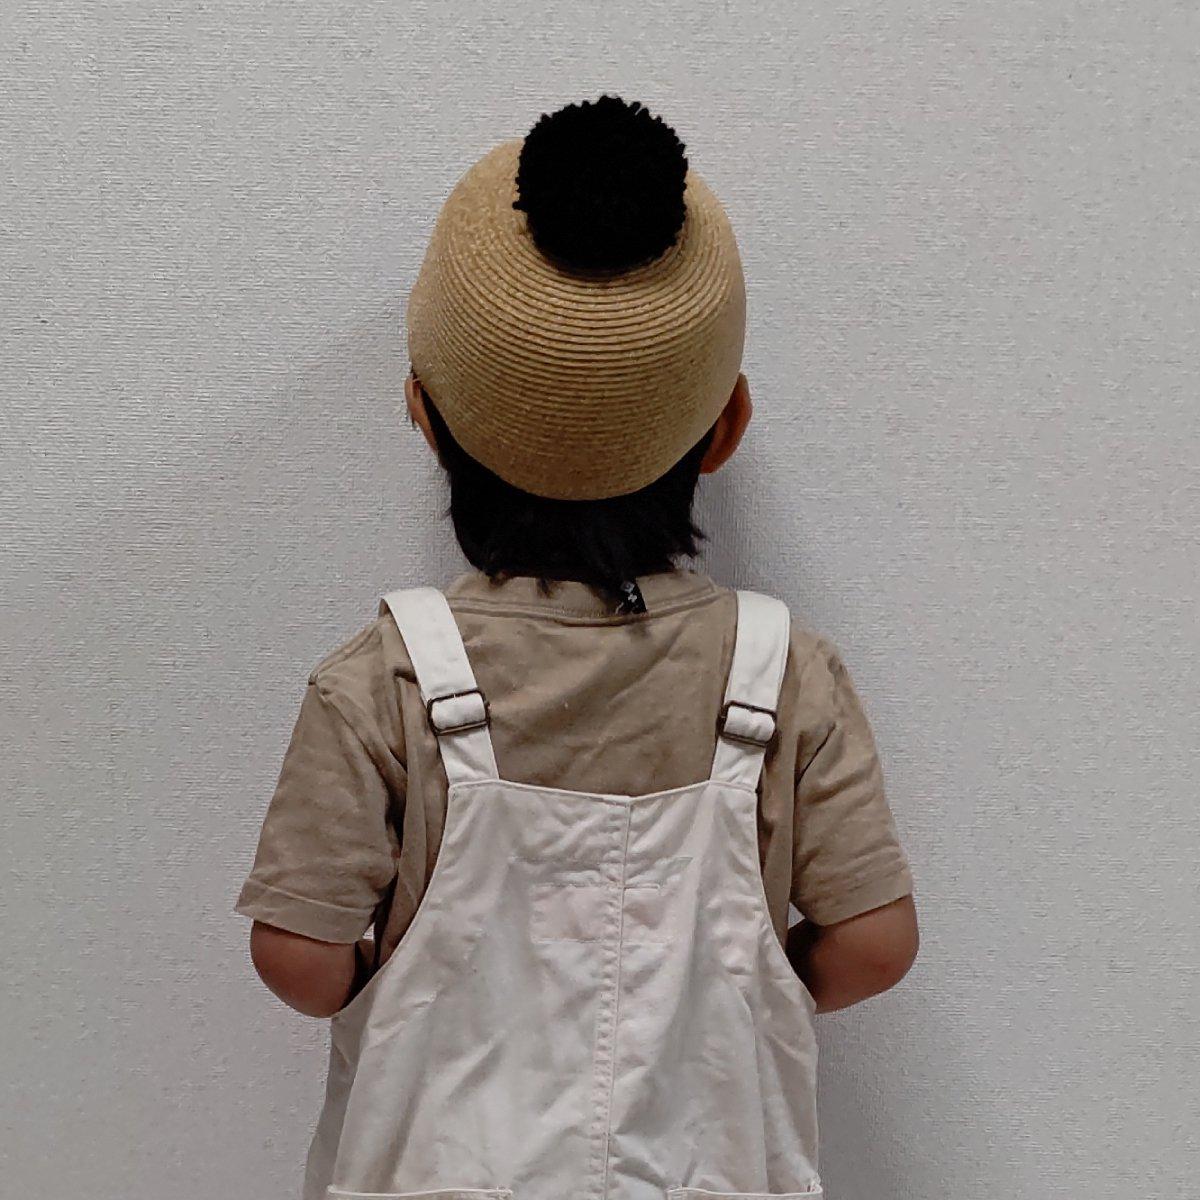 【KIDS】Big Pom Braid Cap 詳細画像16